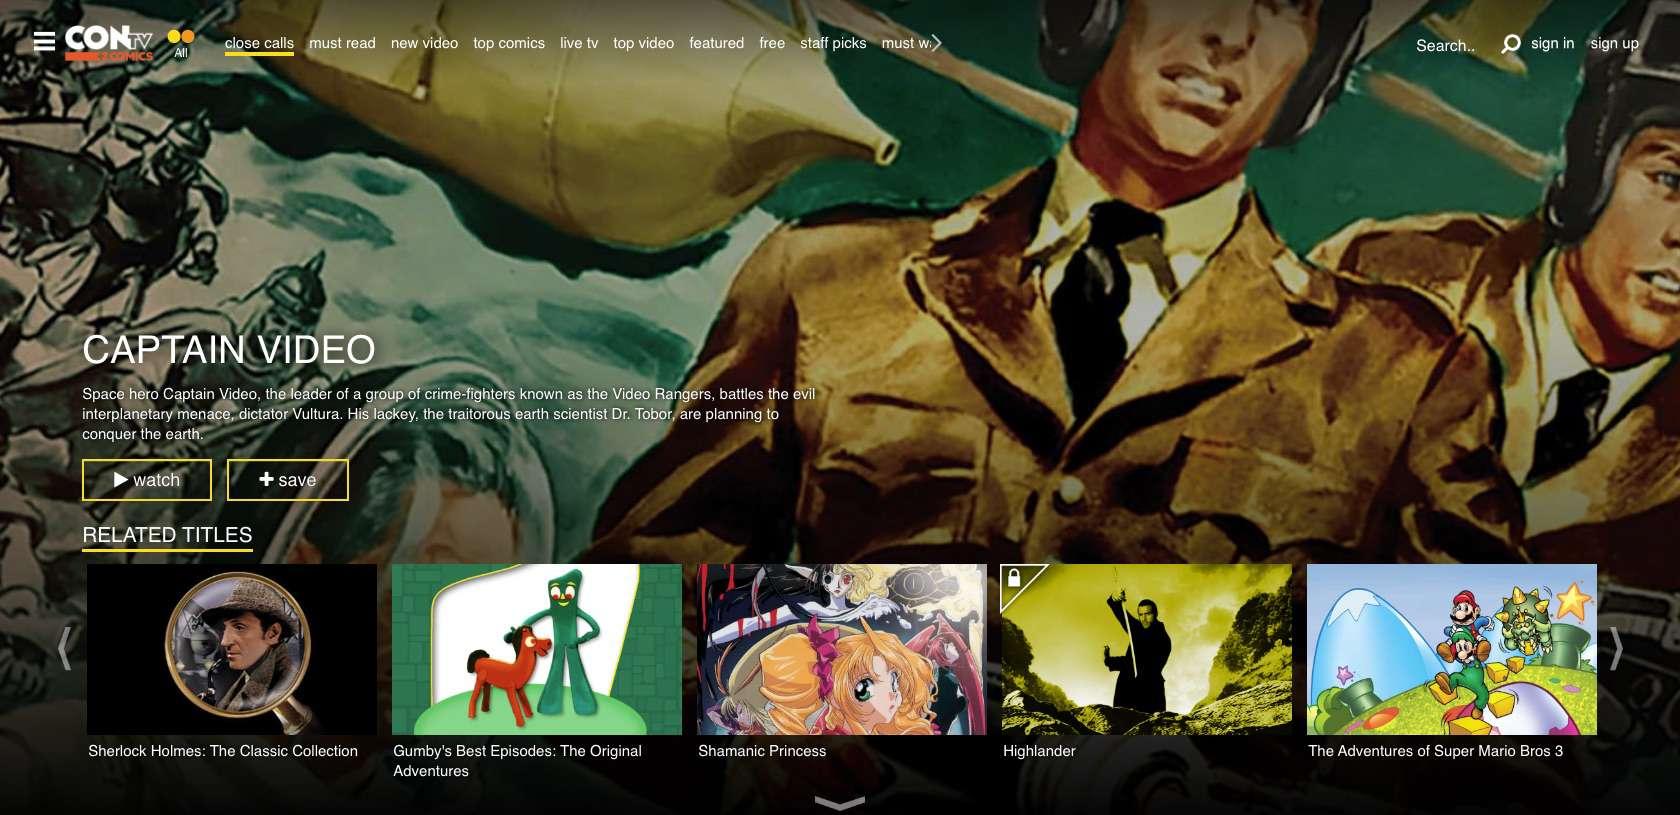 Contv.com website